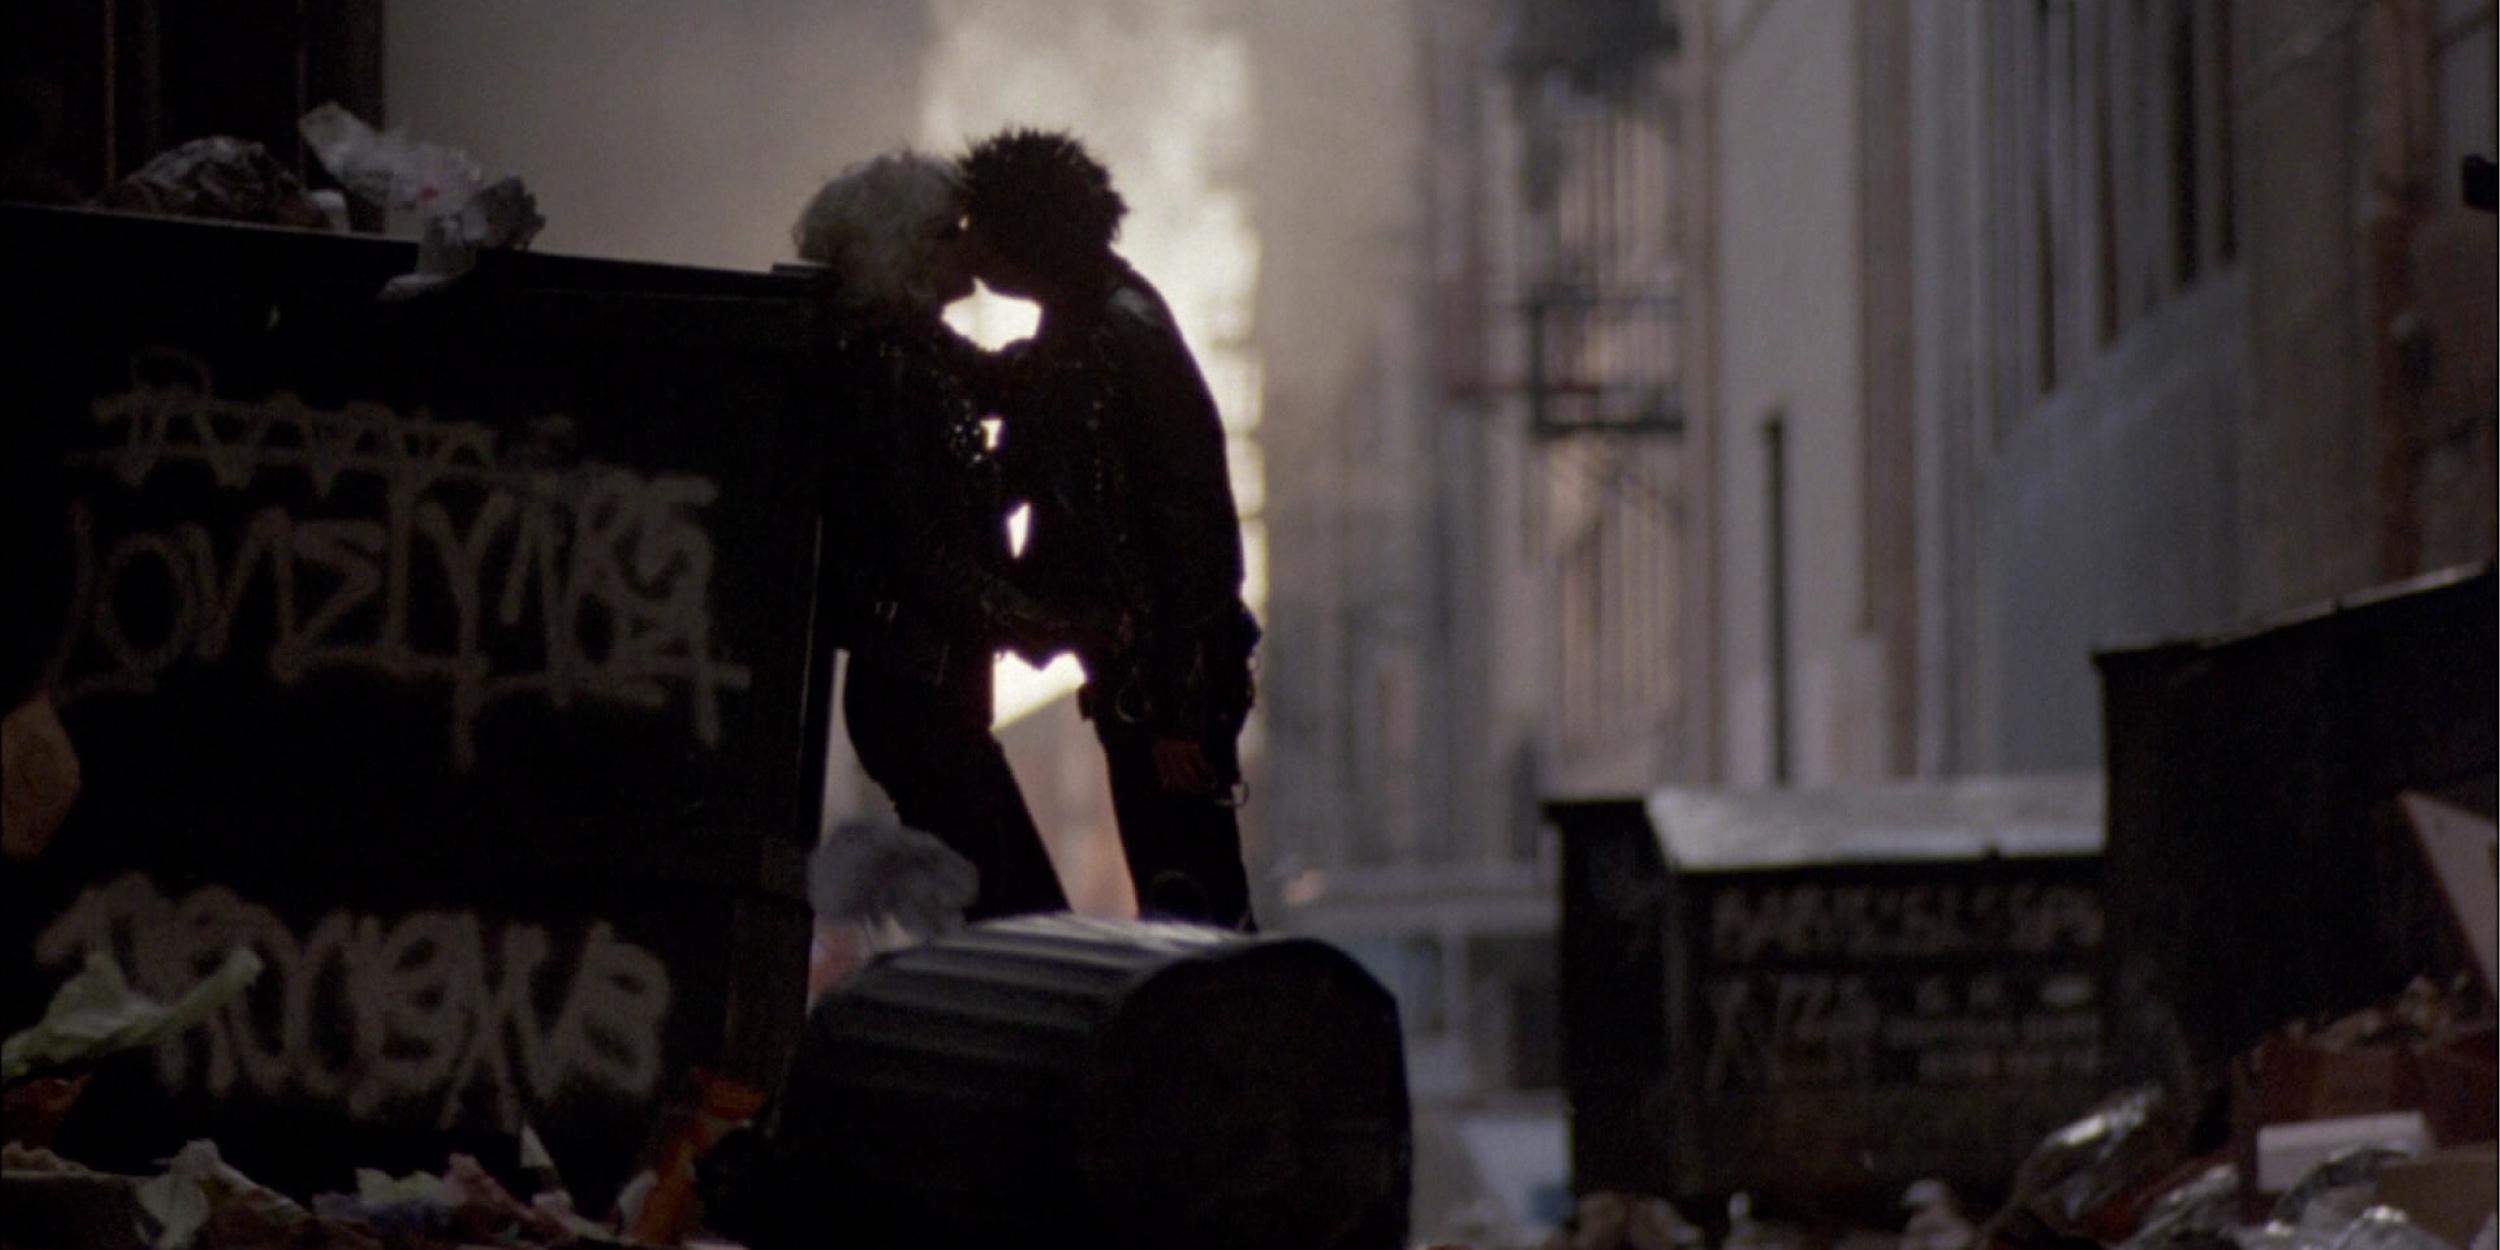 Что посмотреть: драма о боксе, классический фильм-ограбление и спорная комедия с Джонни Деппом.